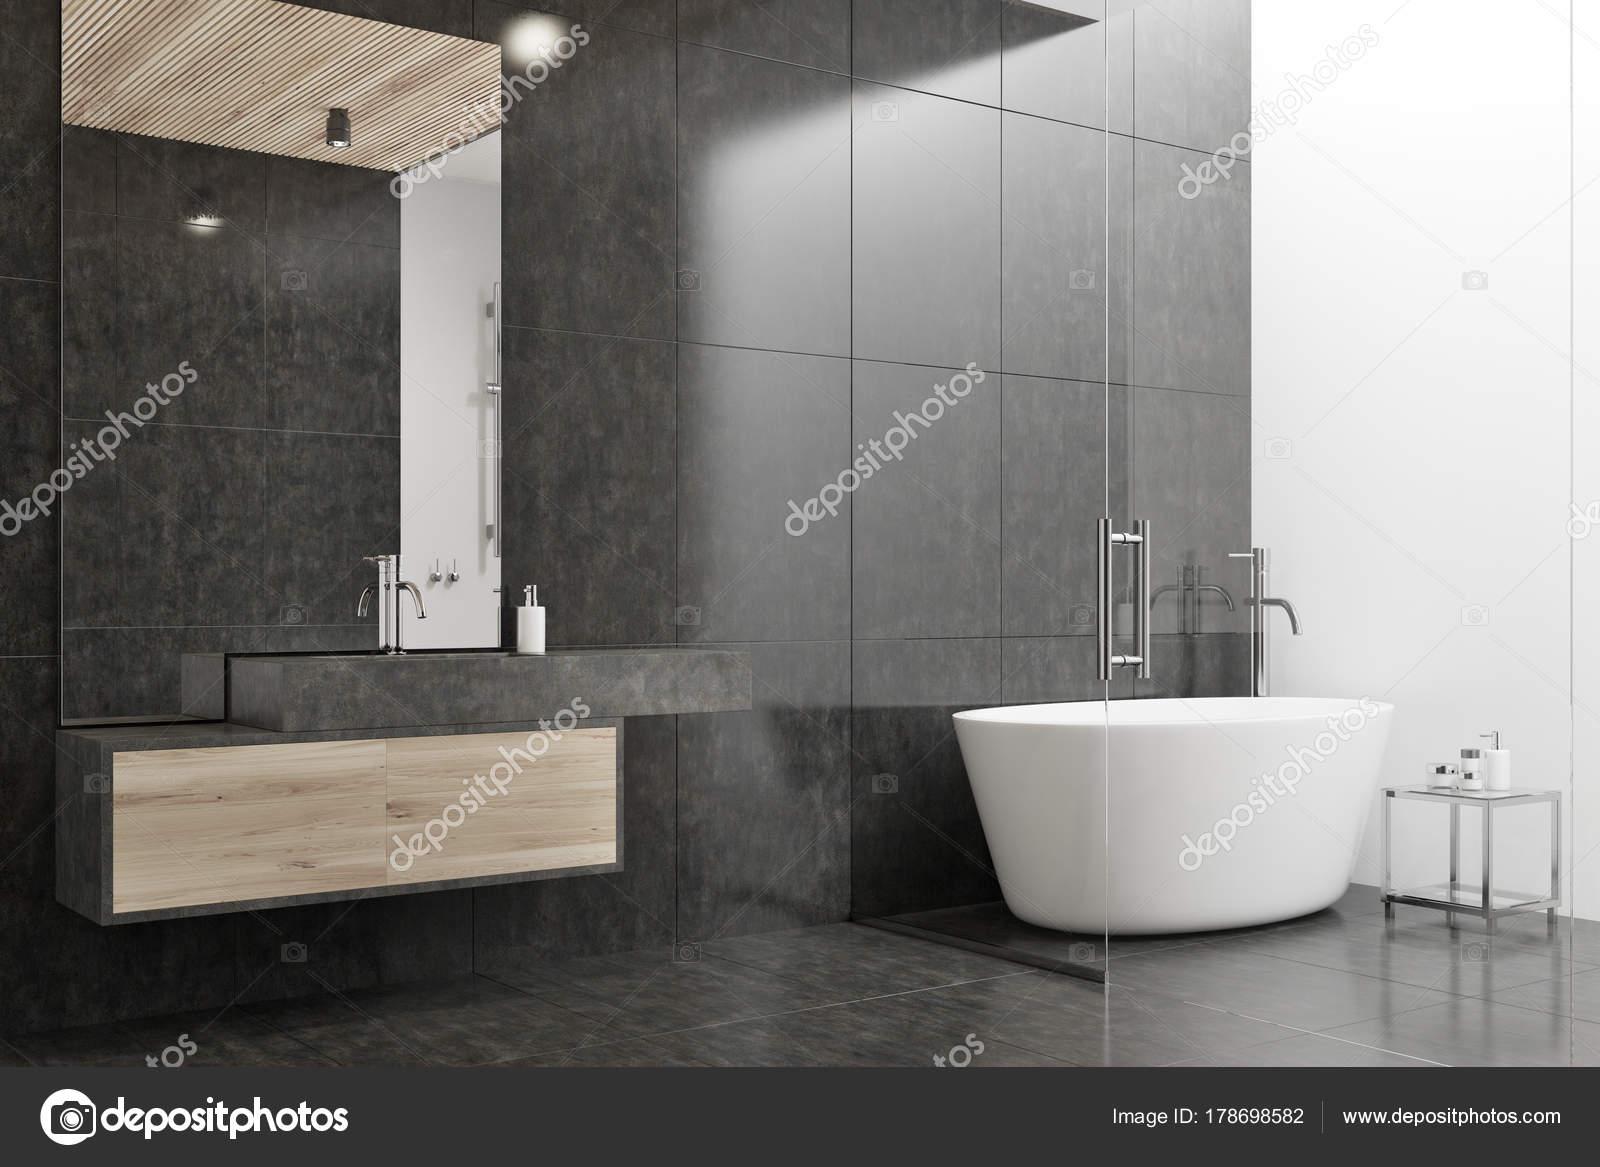 Zwart Witte Tegels : Zwart wit badkamer hoek met een tegelvloer een witte tub en een